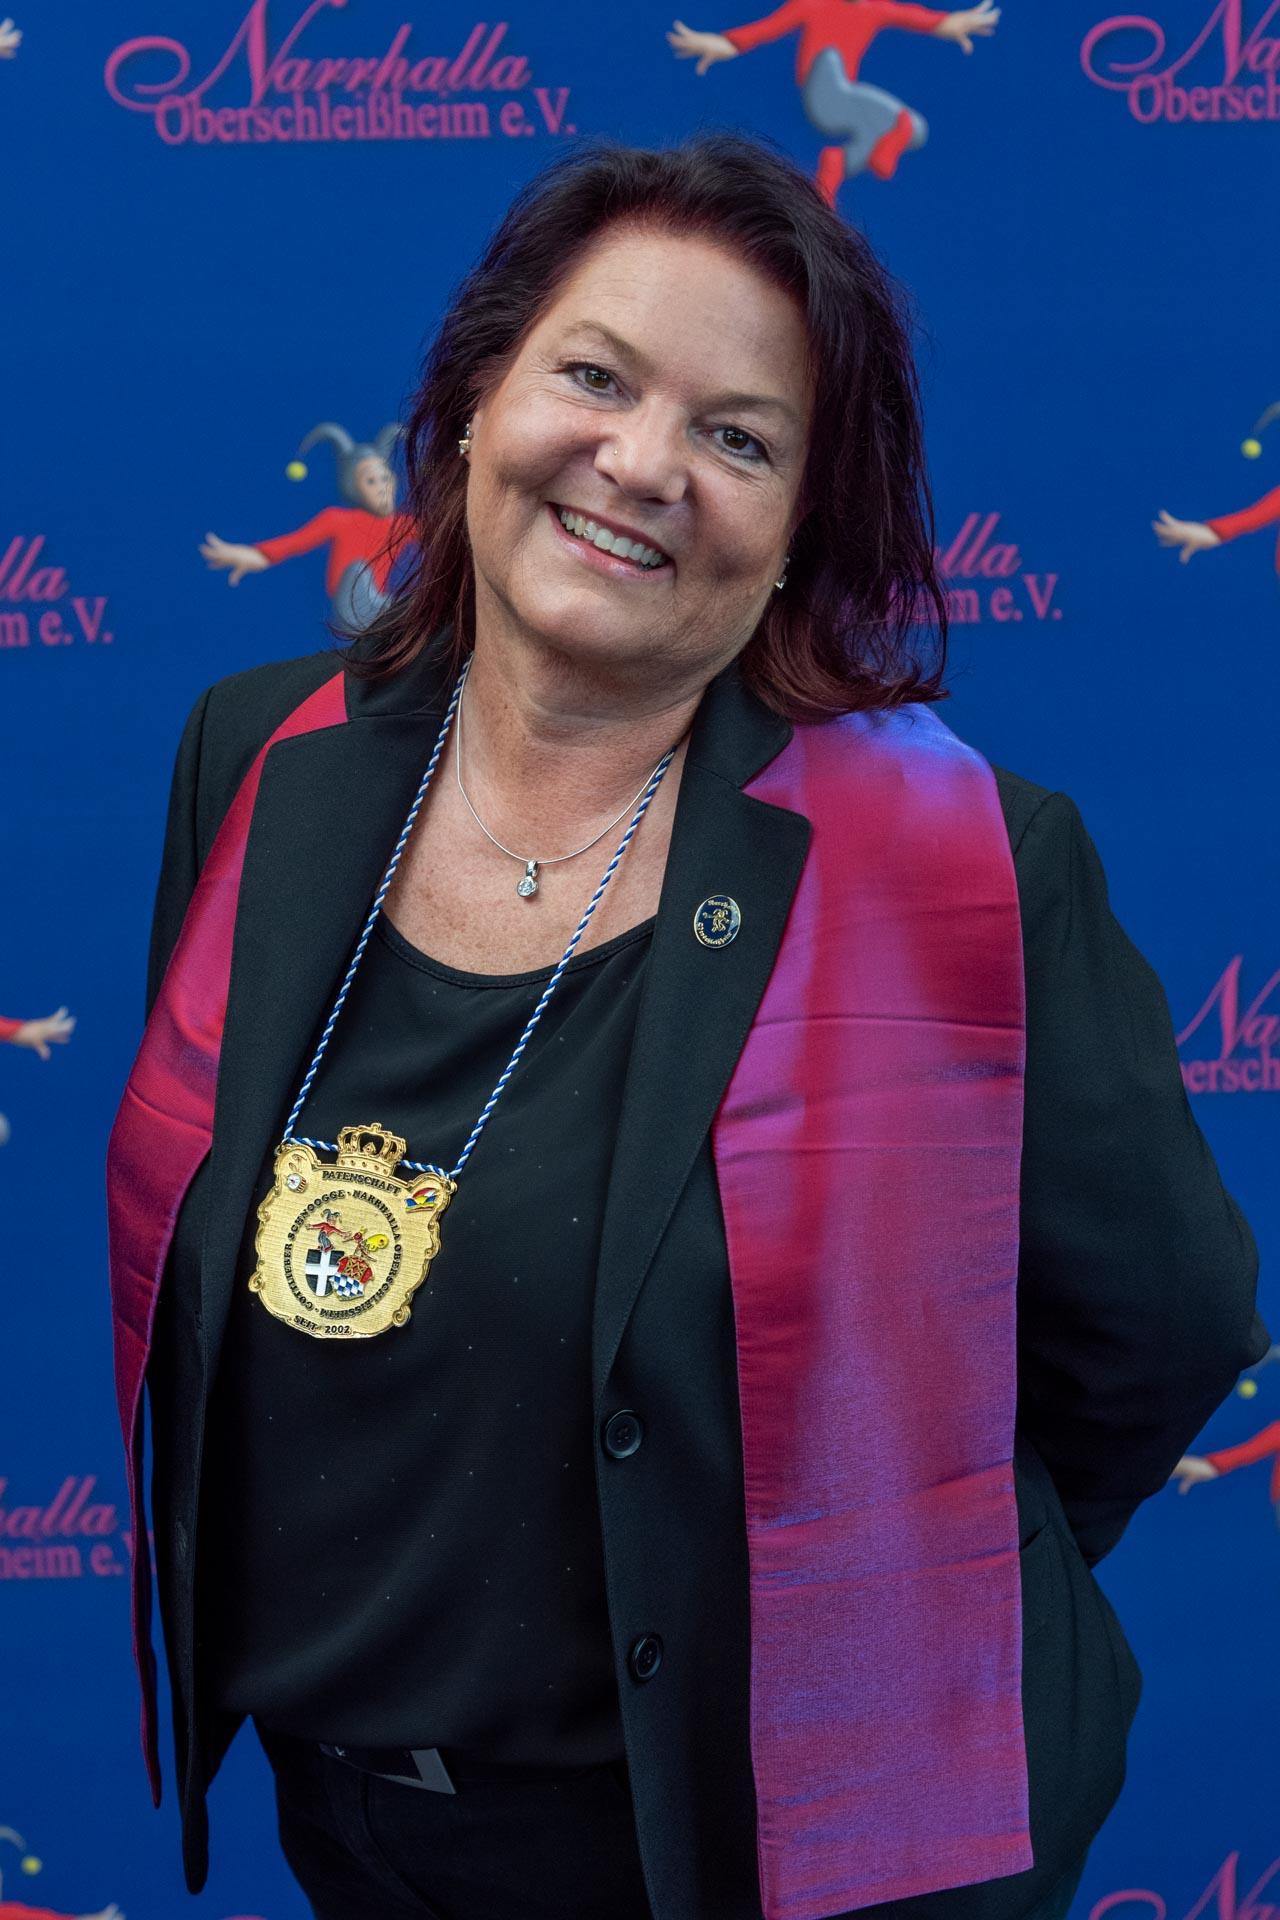 Marion Kemper-Schano